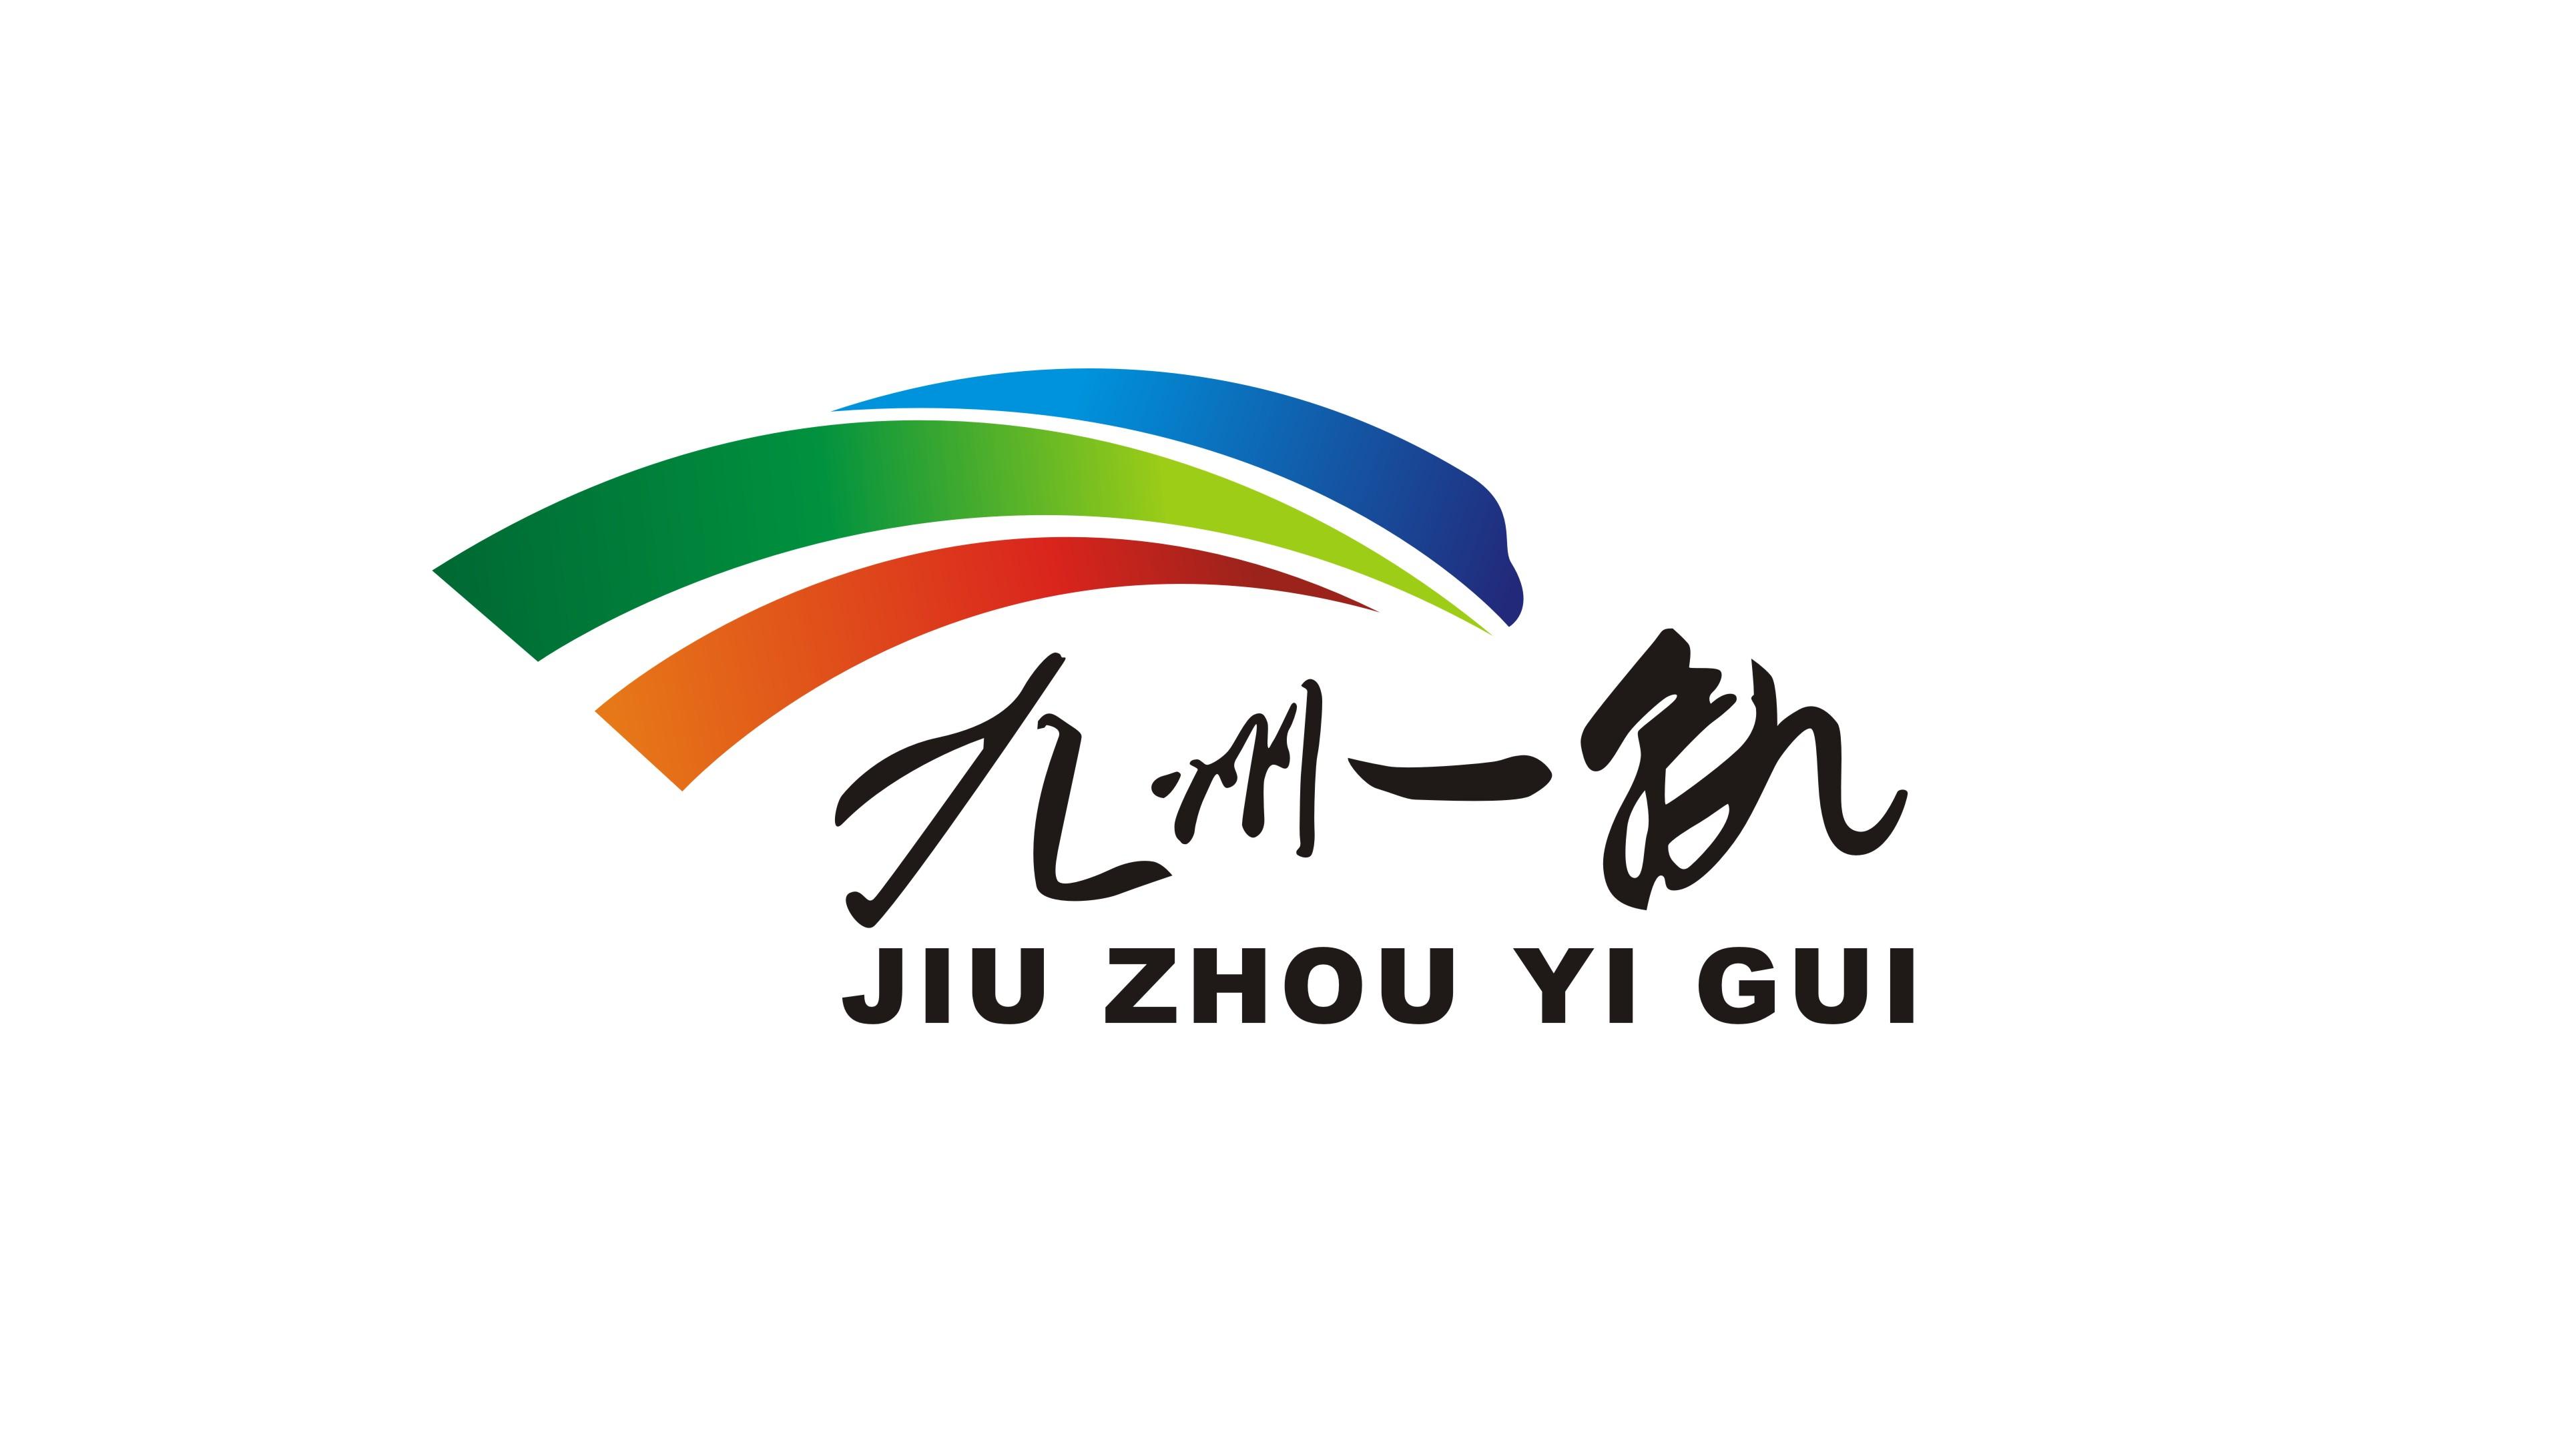 北京九州一軌隔振技術有限公司